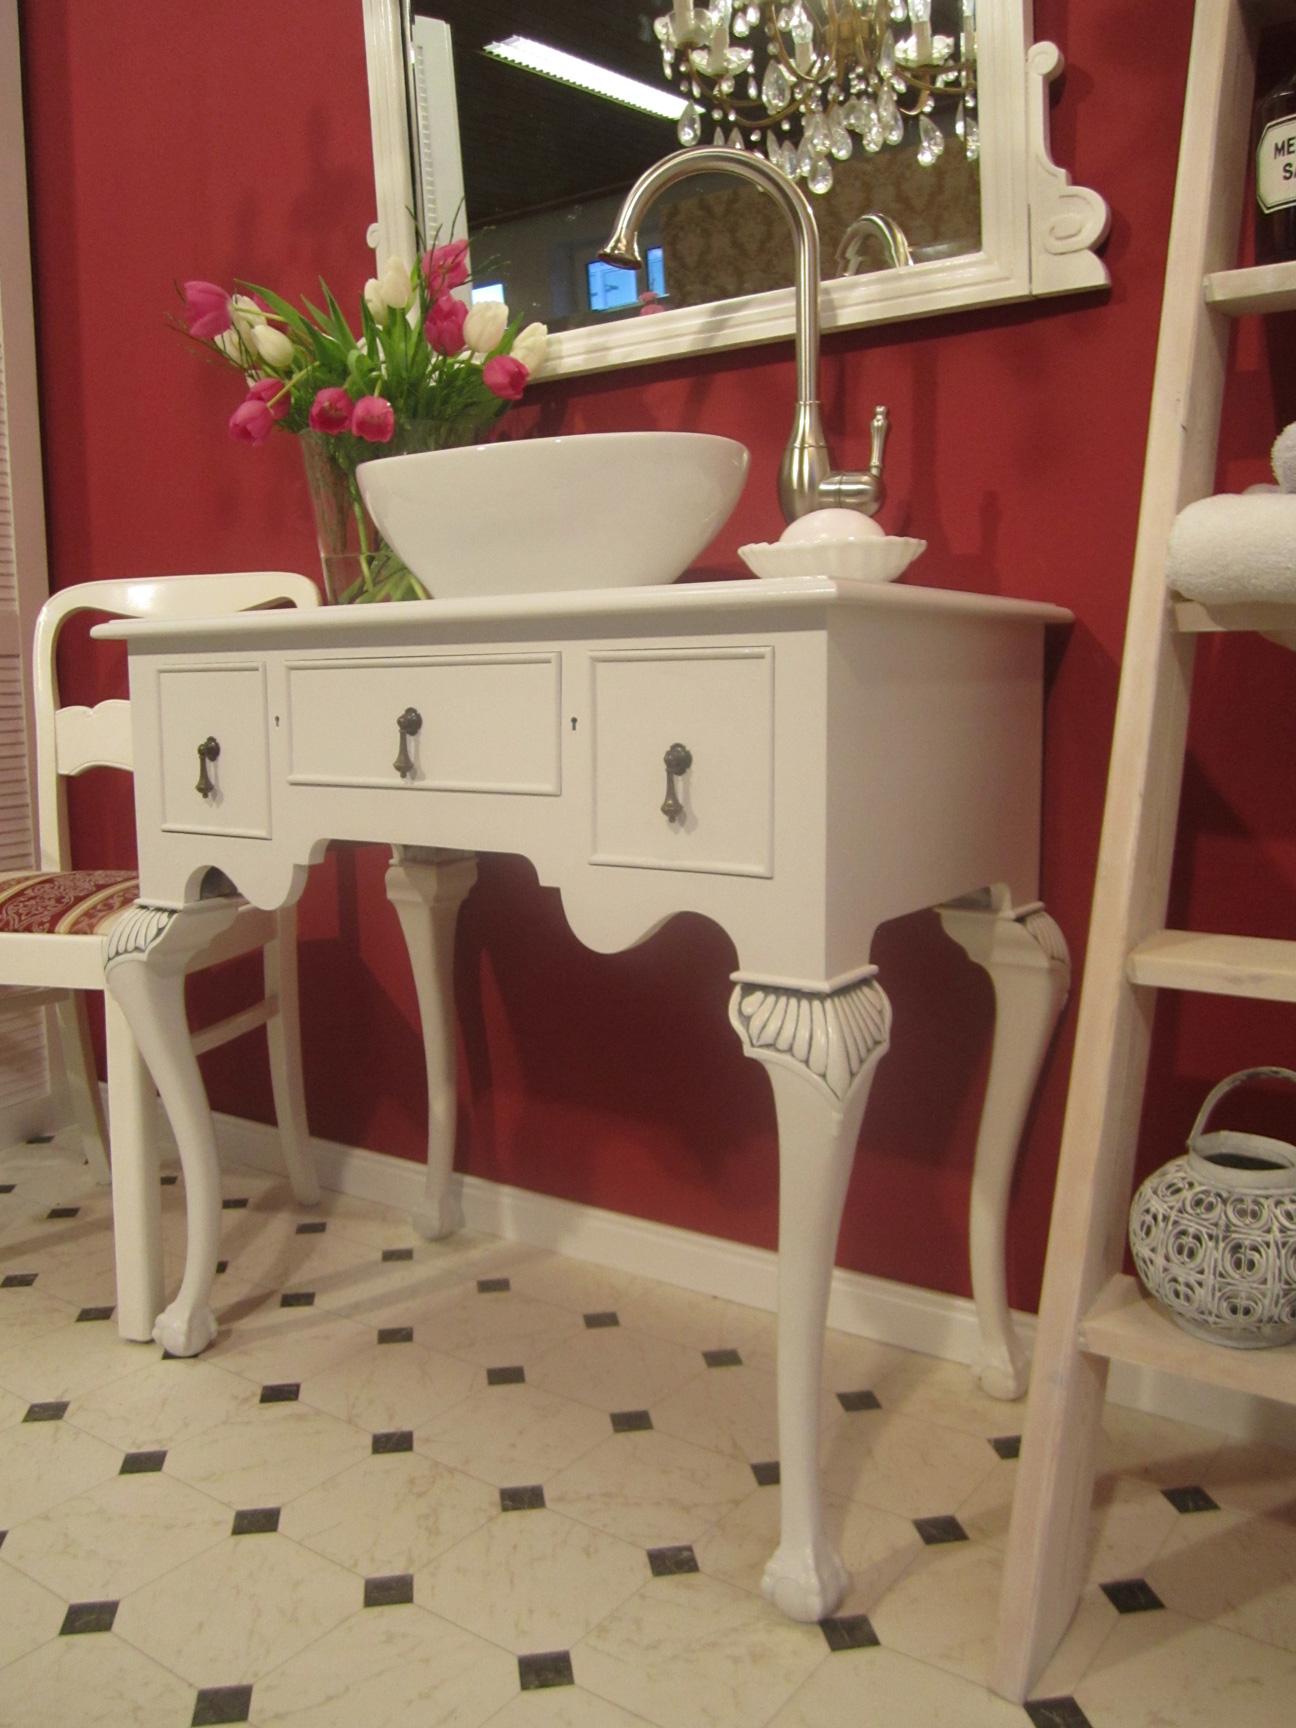 landhaus waschtisch hear my secret wasserheimat. Black Bedroom Furniture Sets. Home Design Ideas